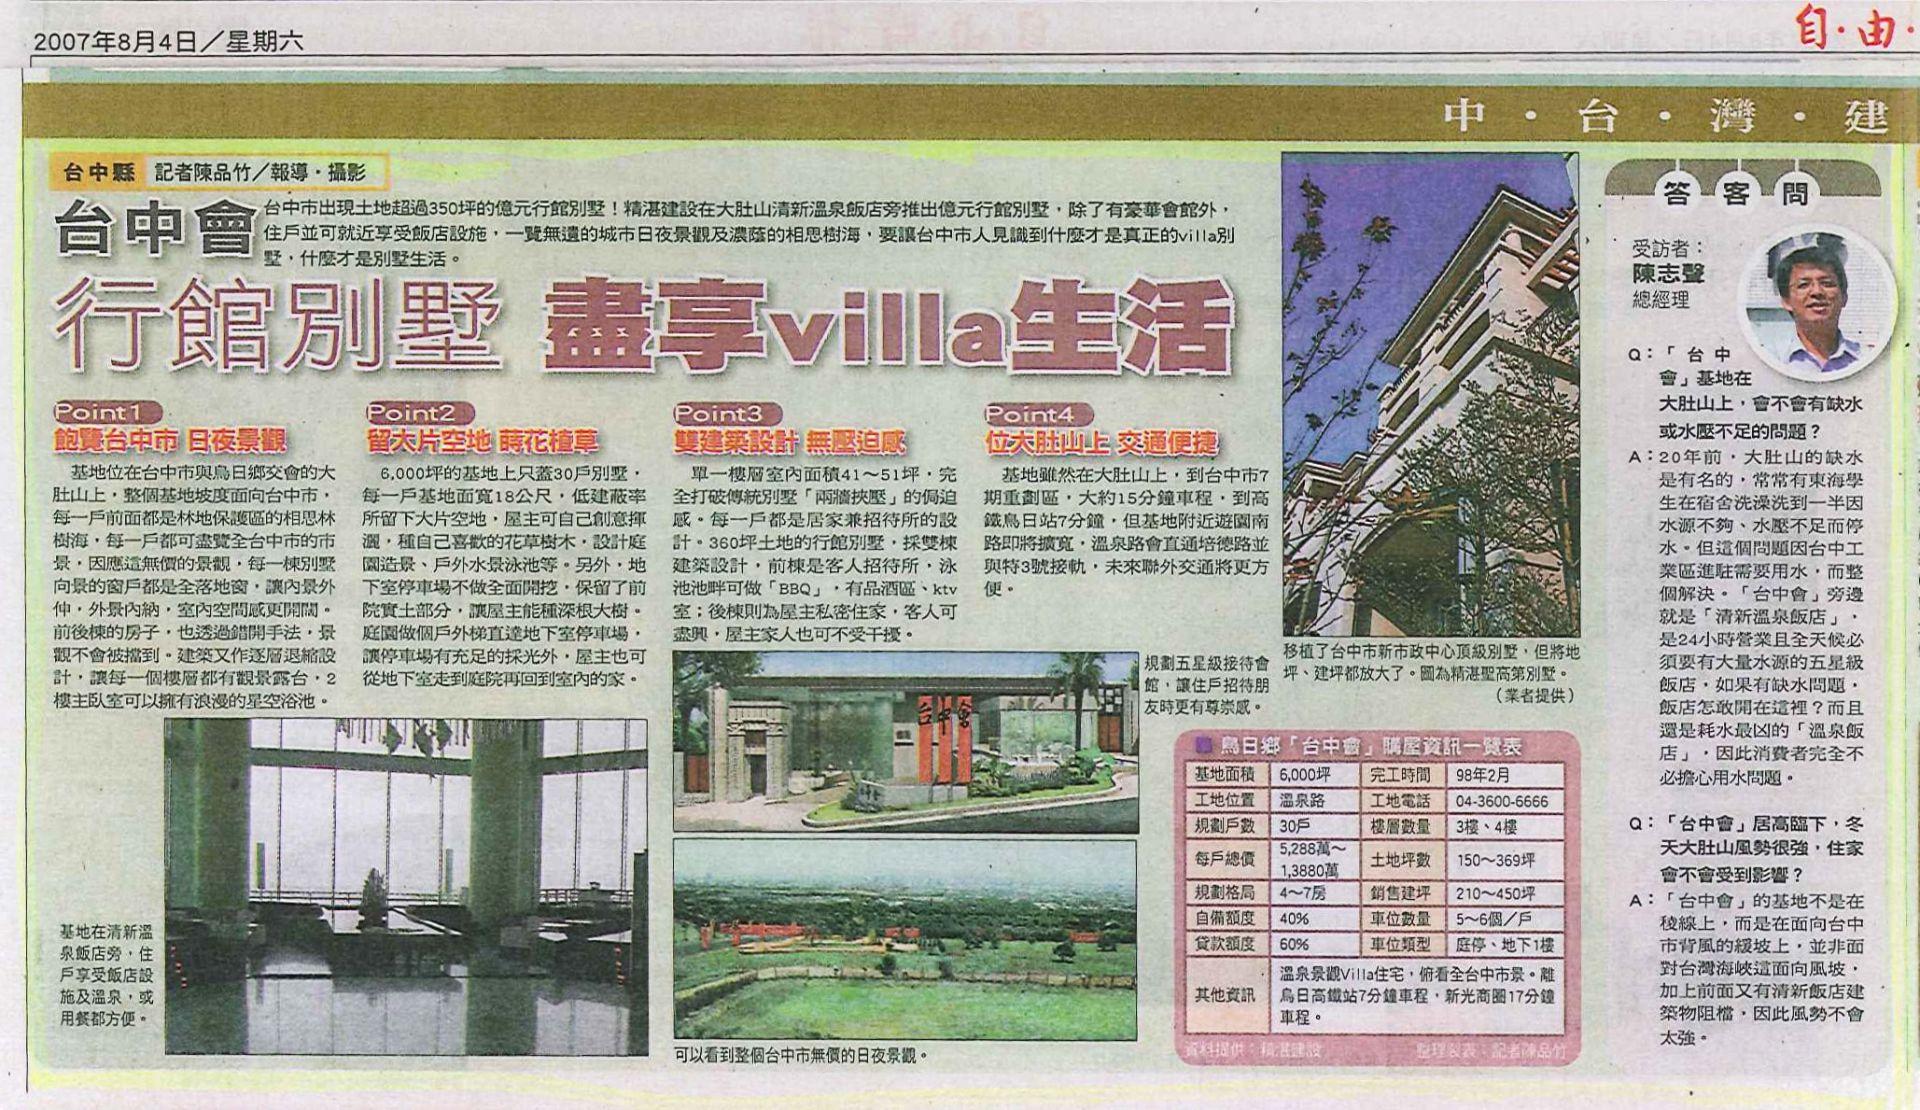 20070804 自由時報_台中會行館別墅 盡享VILLA生活